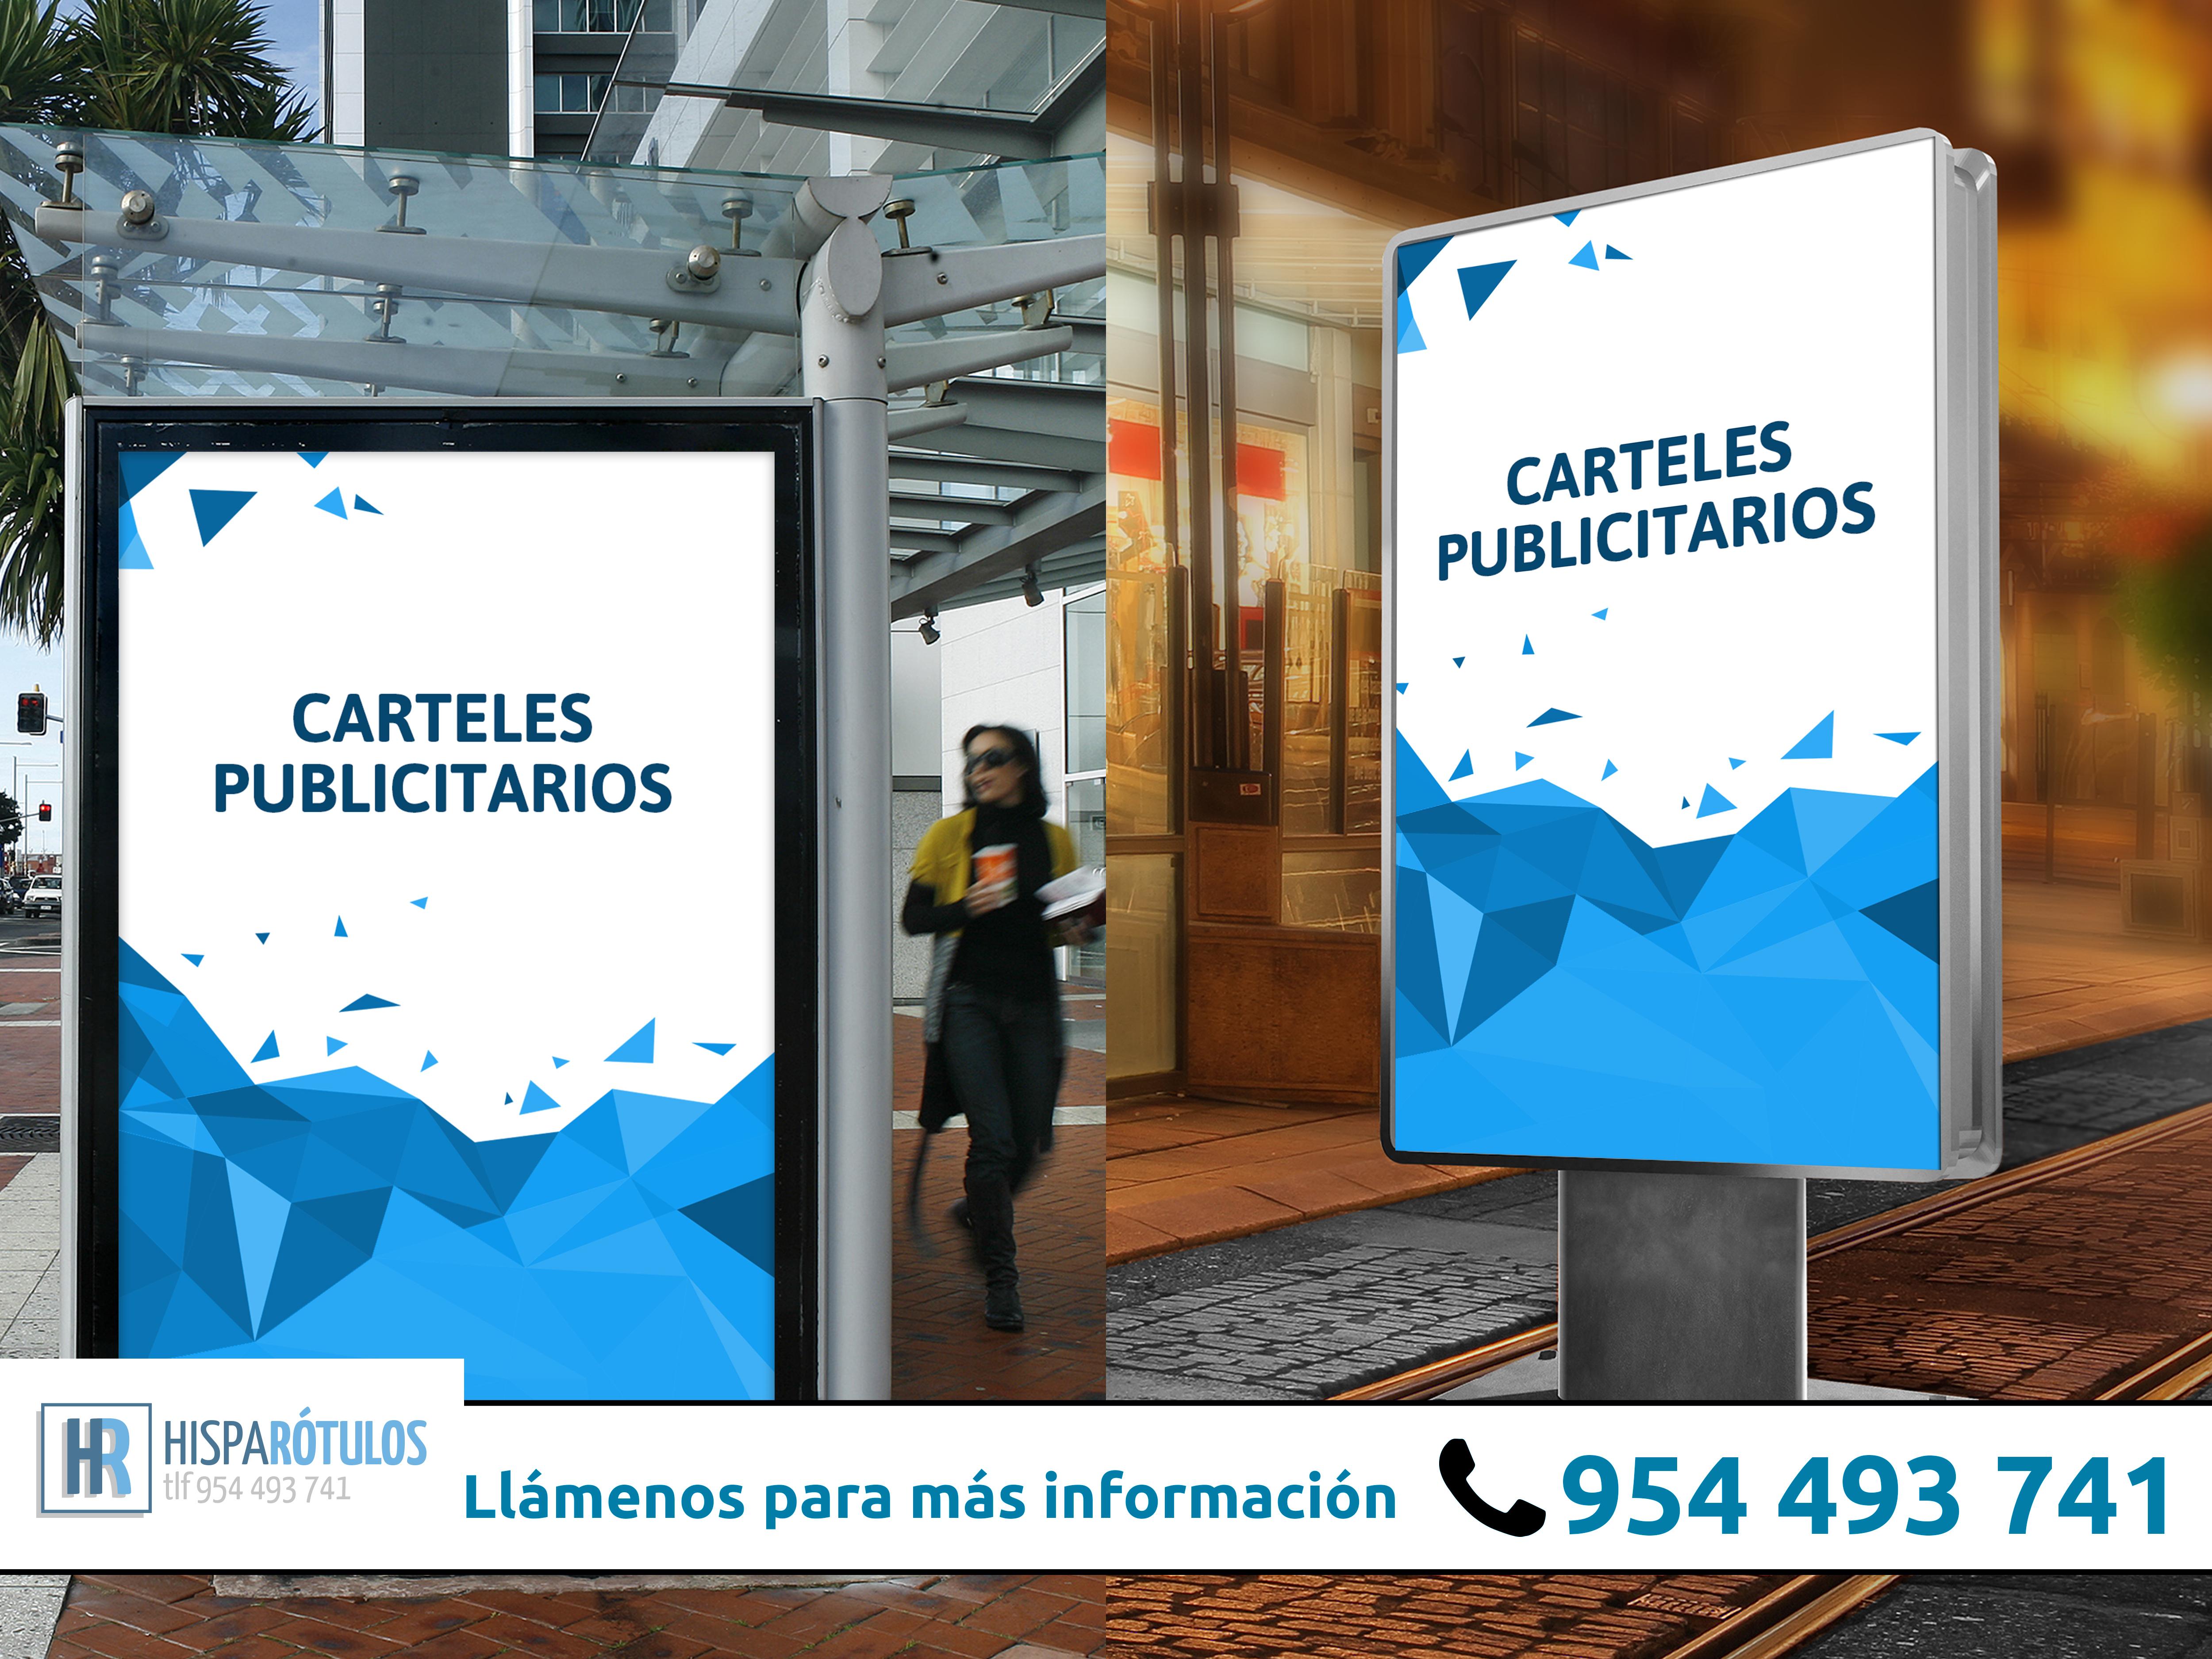 rotulos sevilla hisparotulos carteles publicitarios